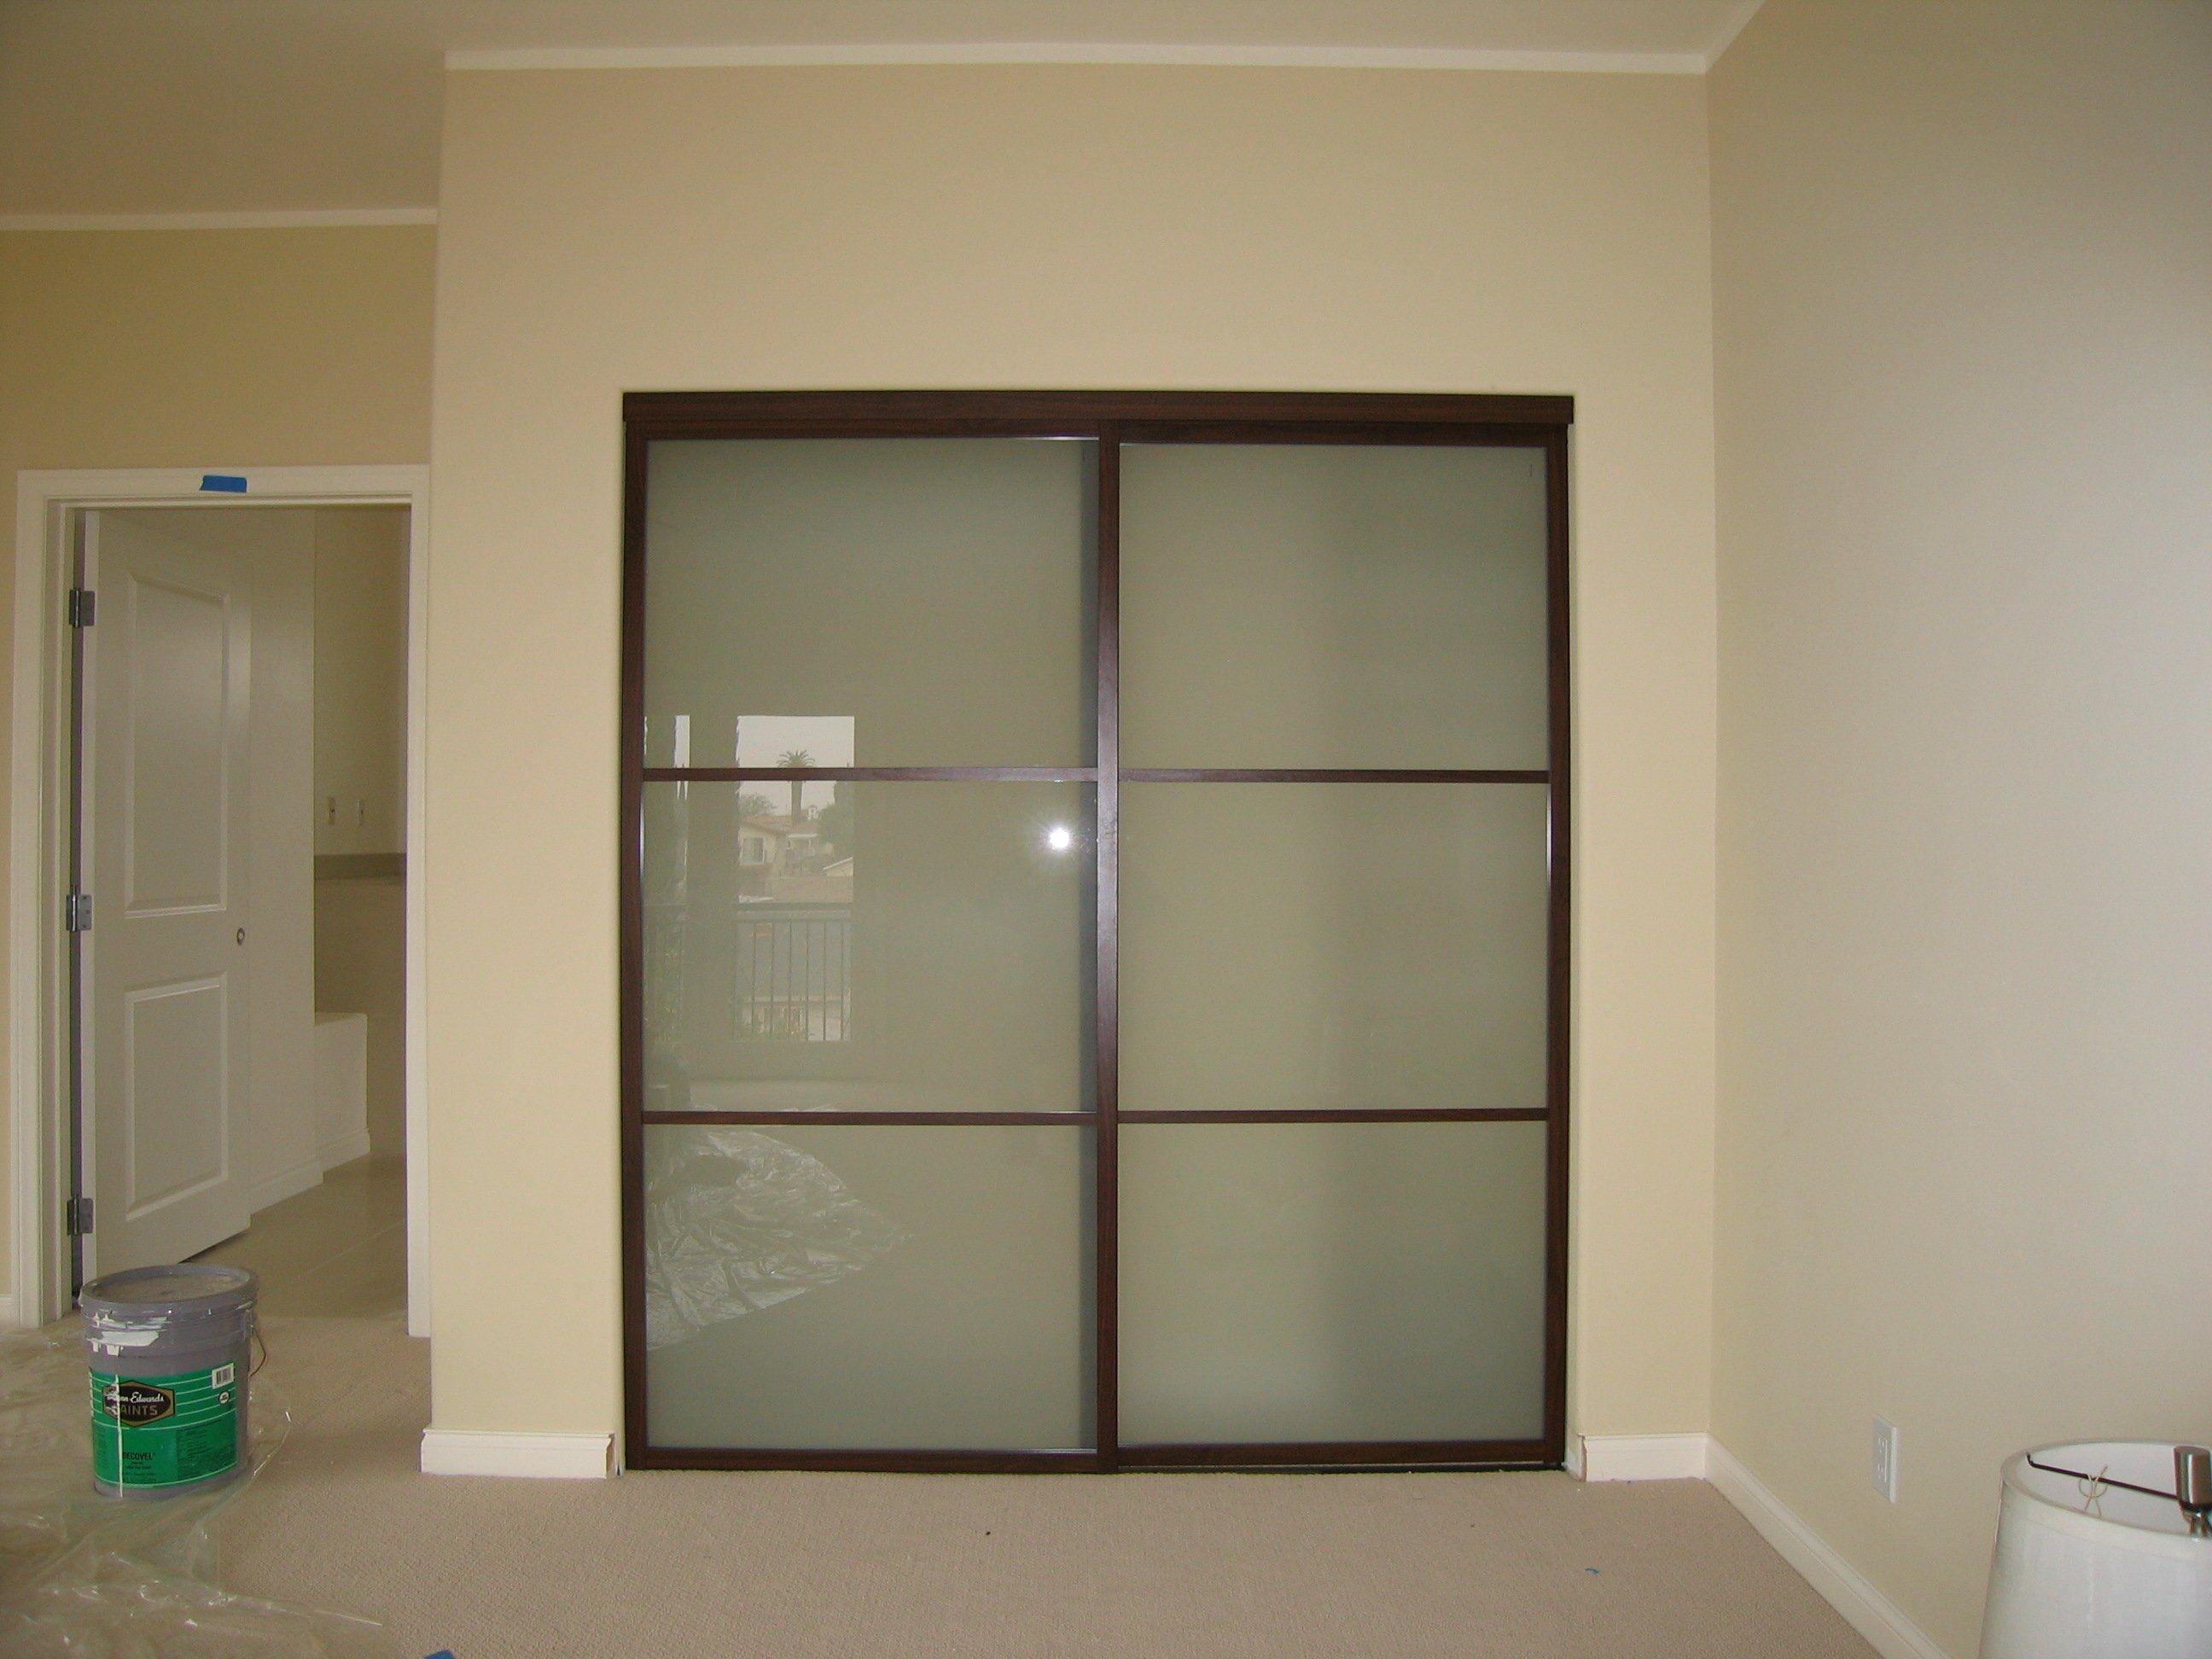 bifold closet doors with glass. Modern Glass Bifold Closet Doors With